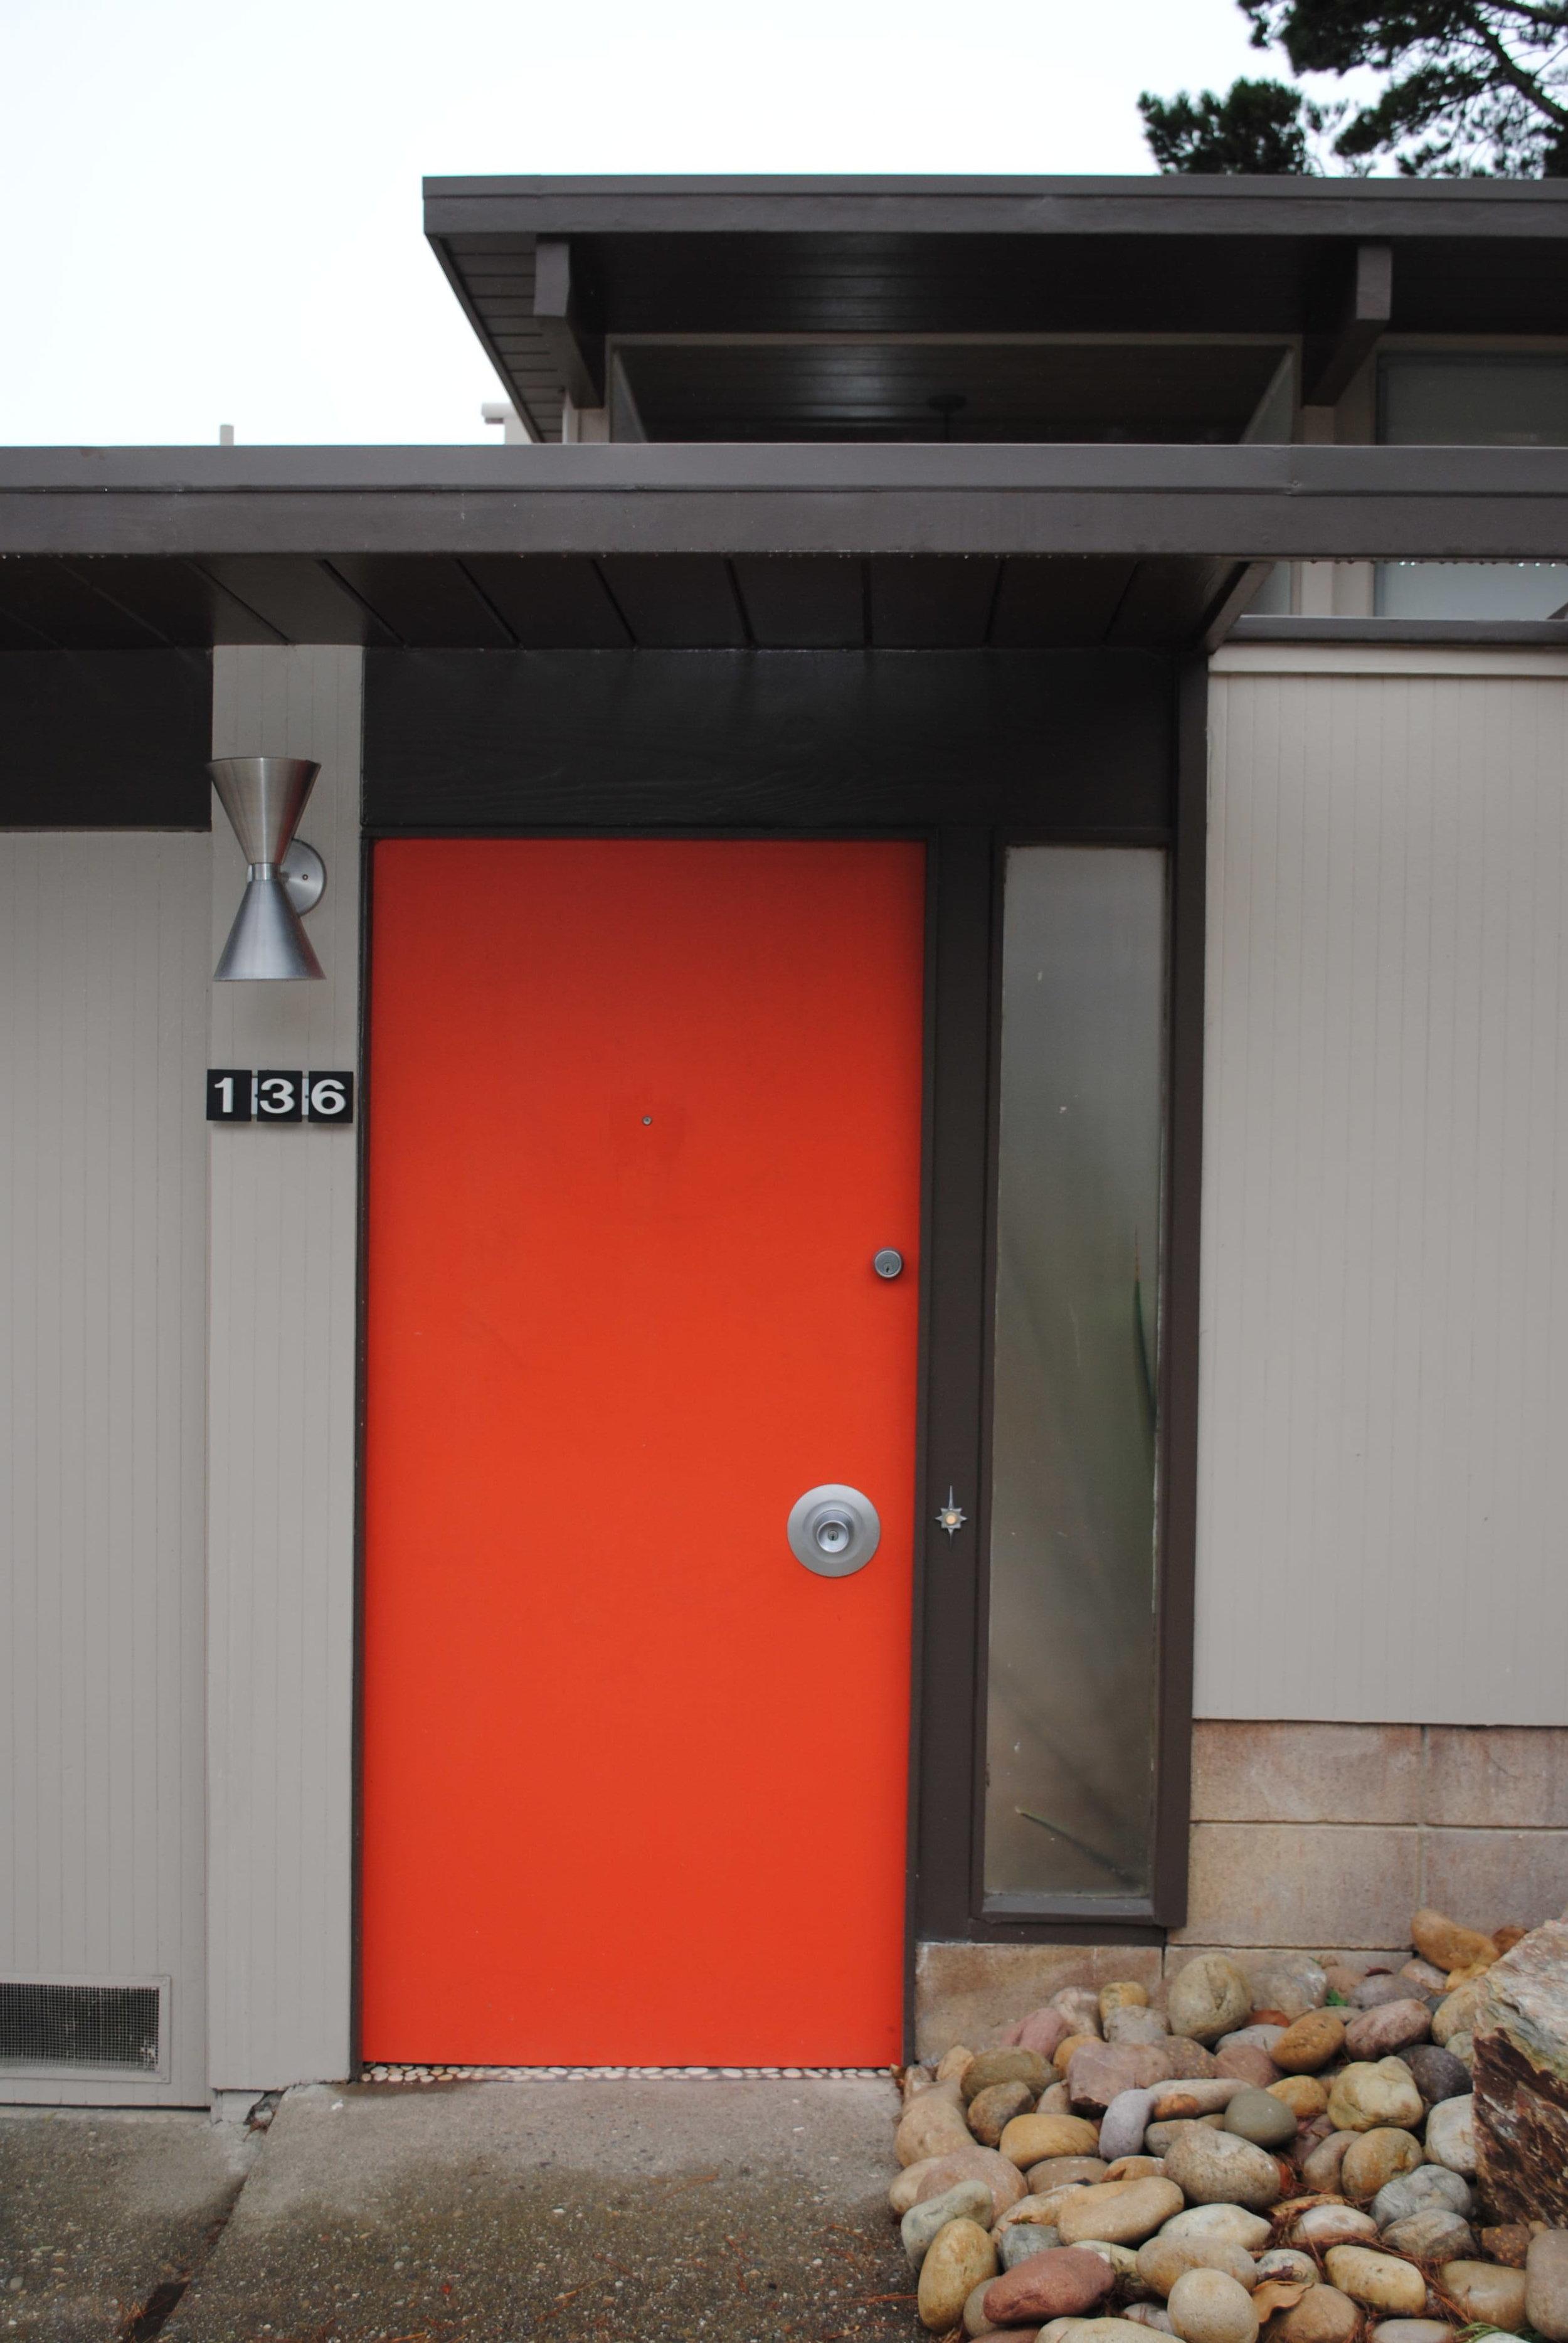 7510007_original front door detail.JPG